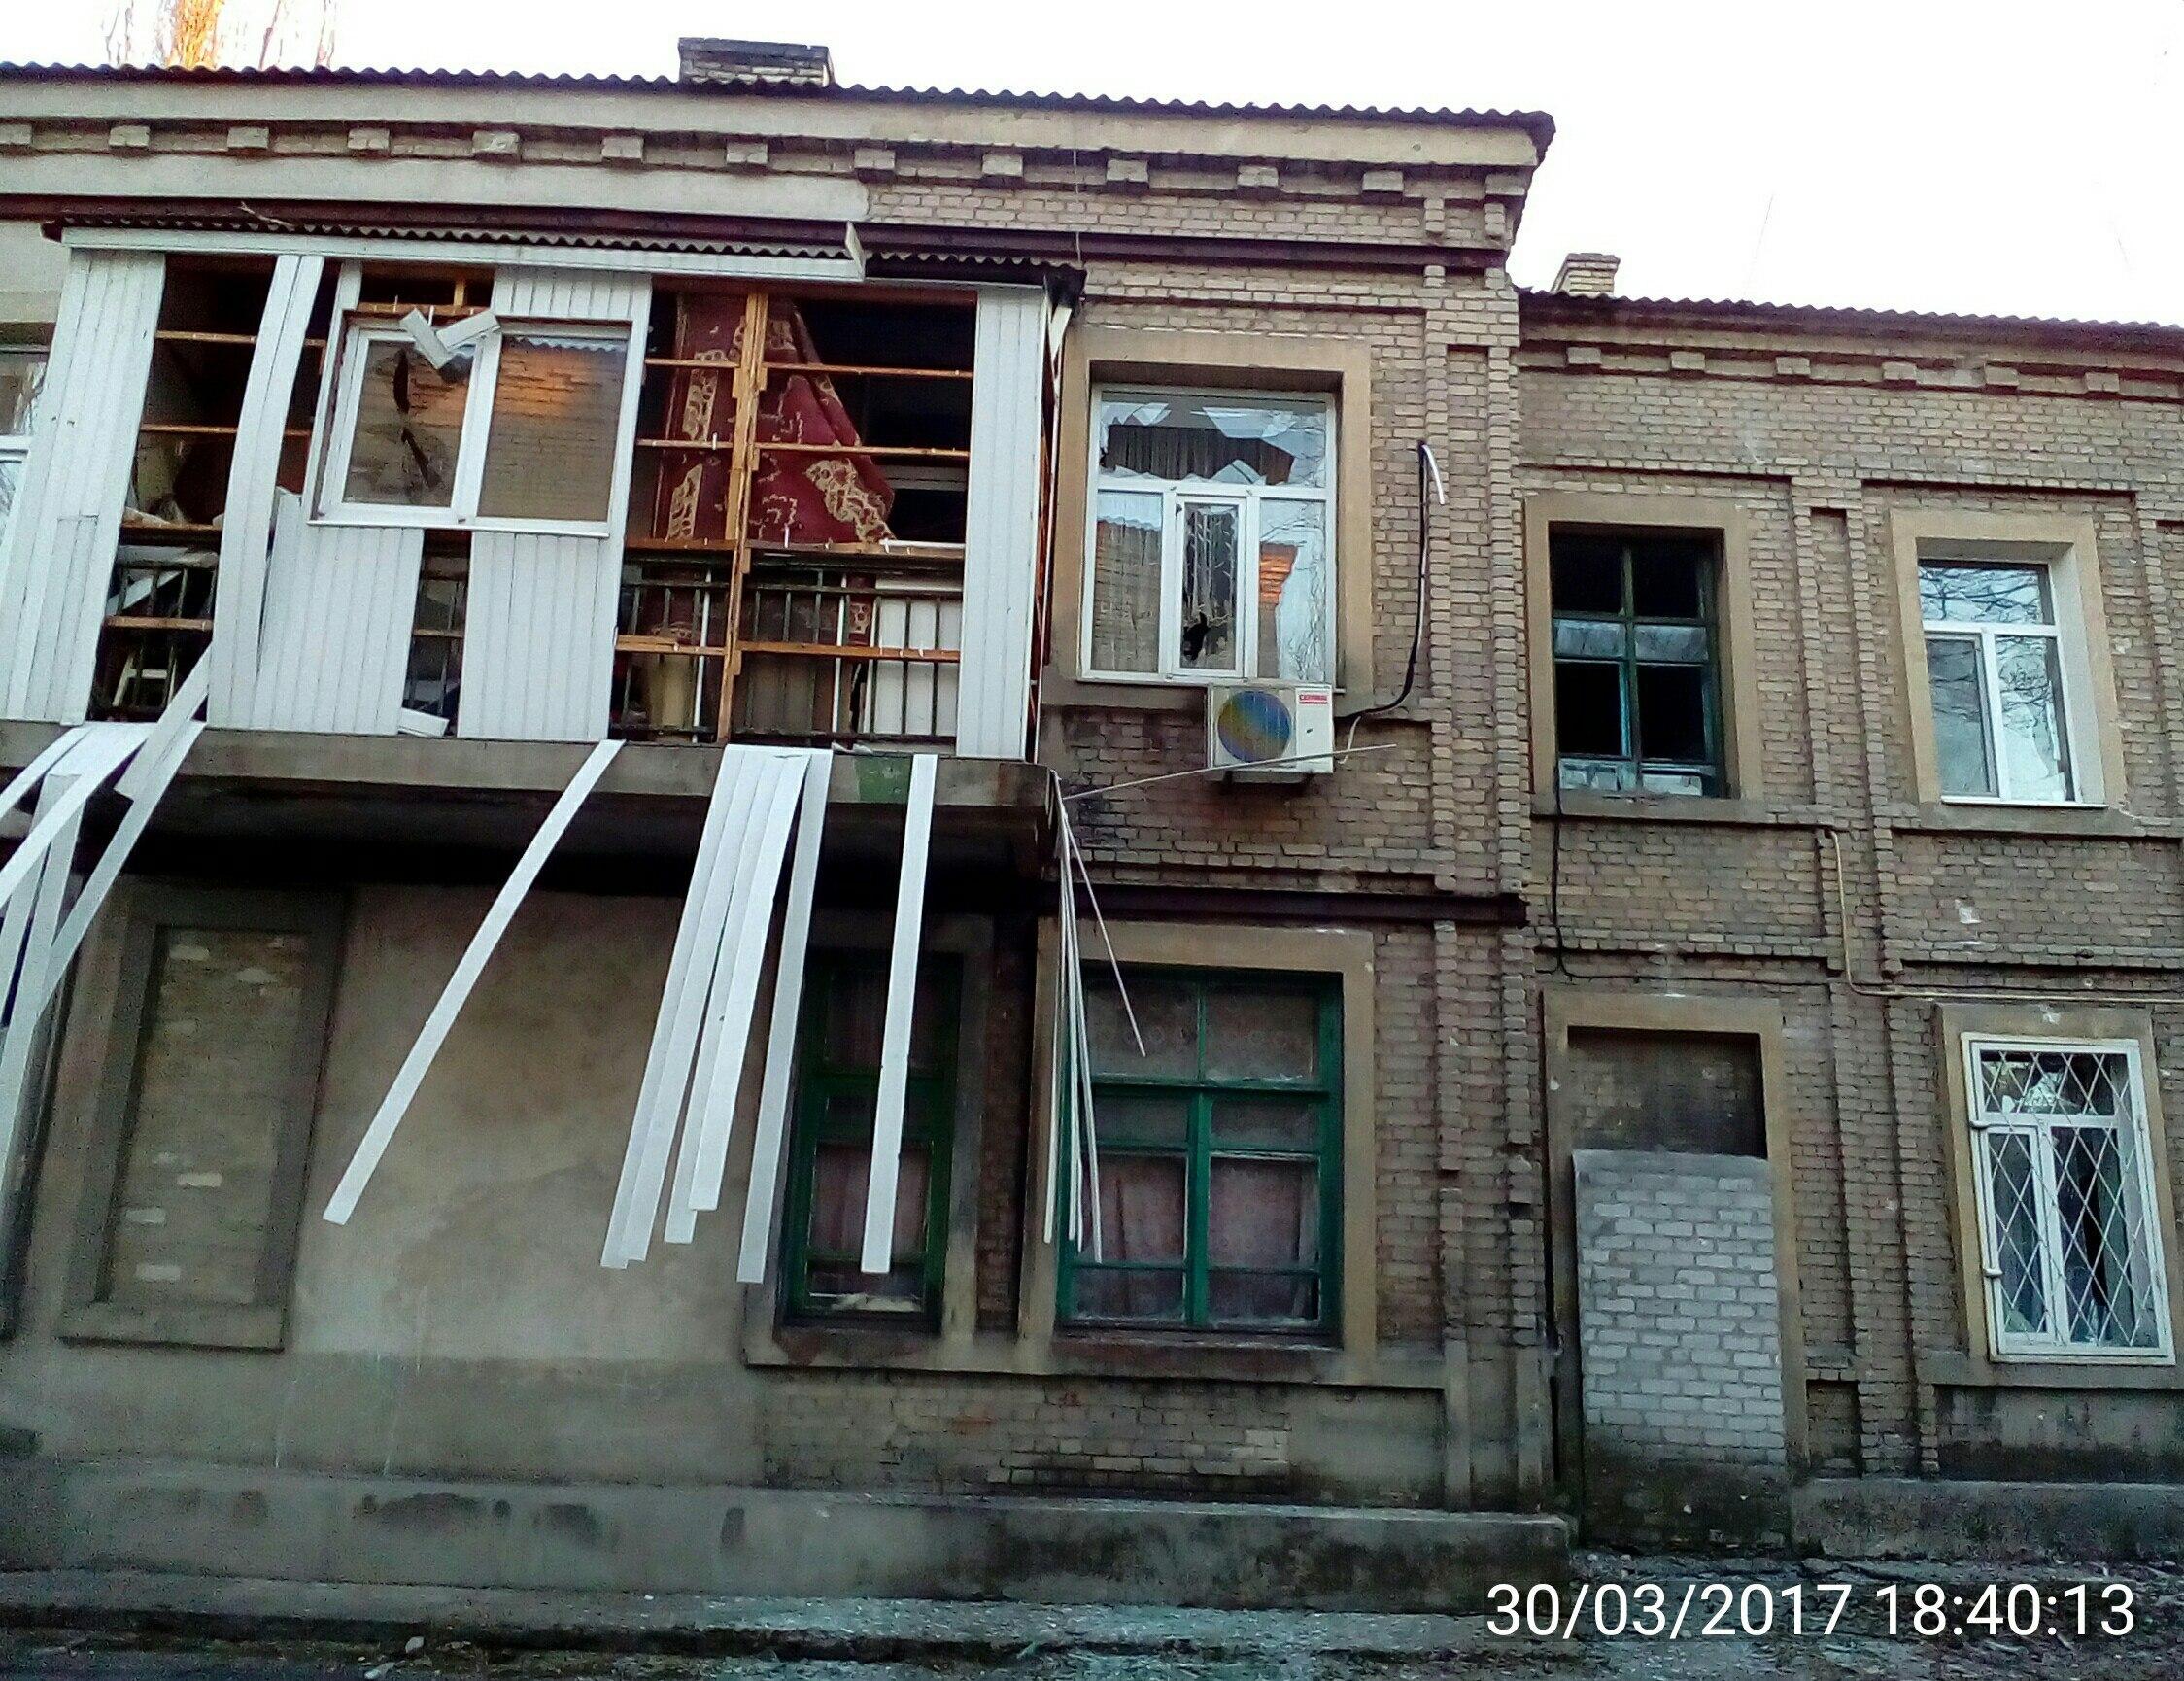 Сводка военных событий в Новороссии за 30.03.2017